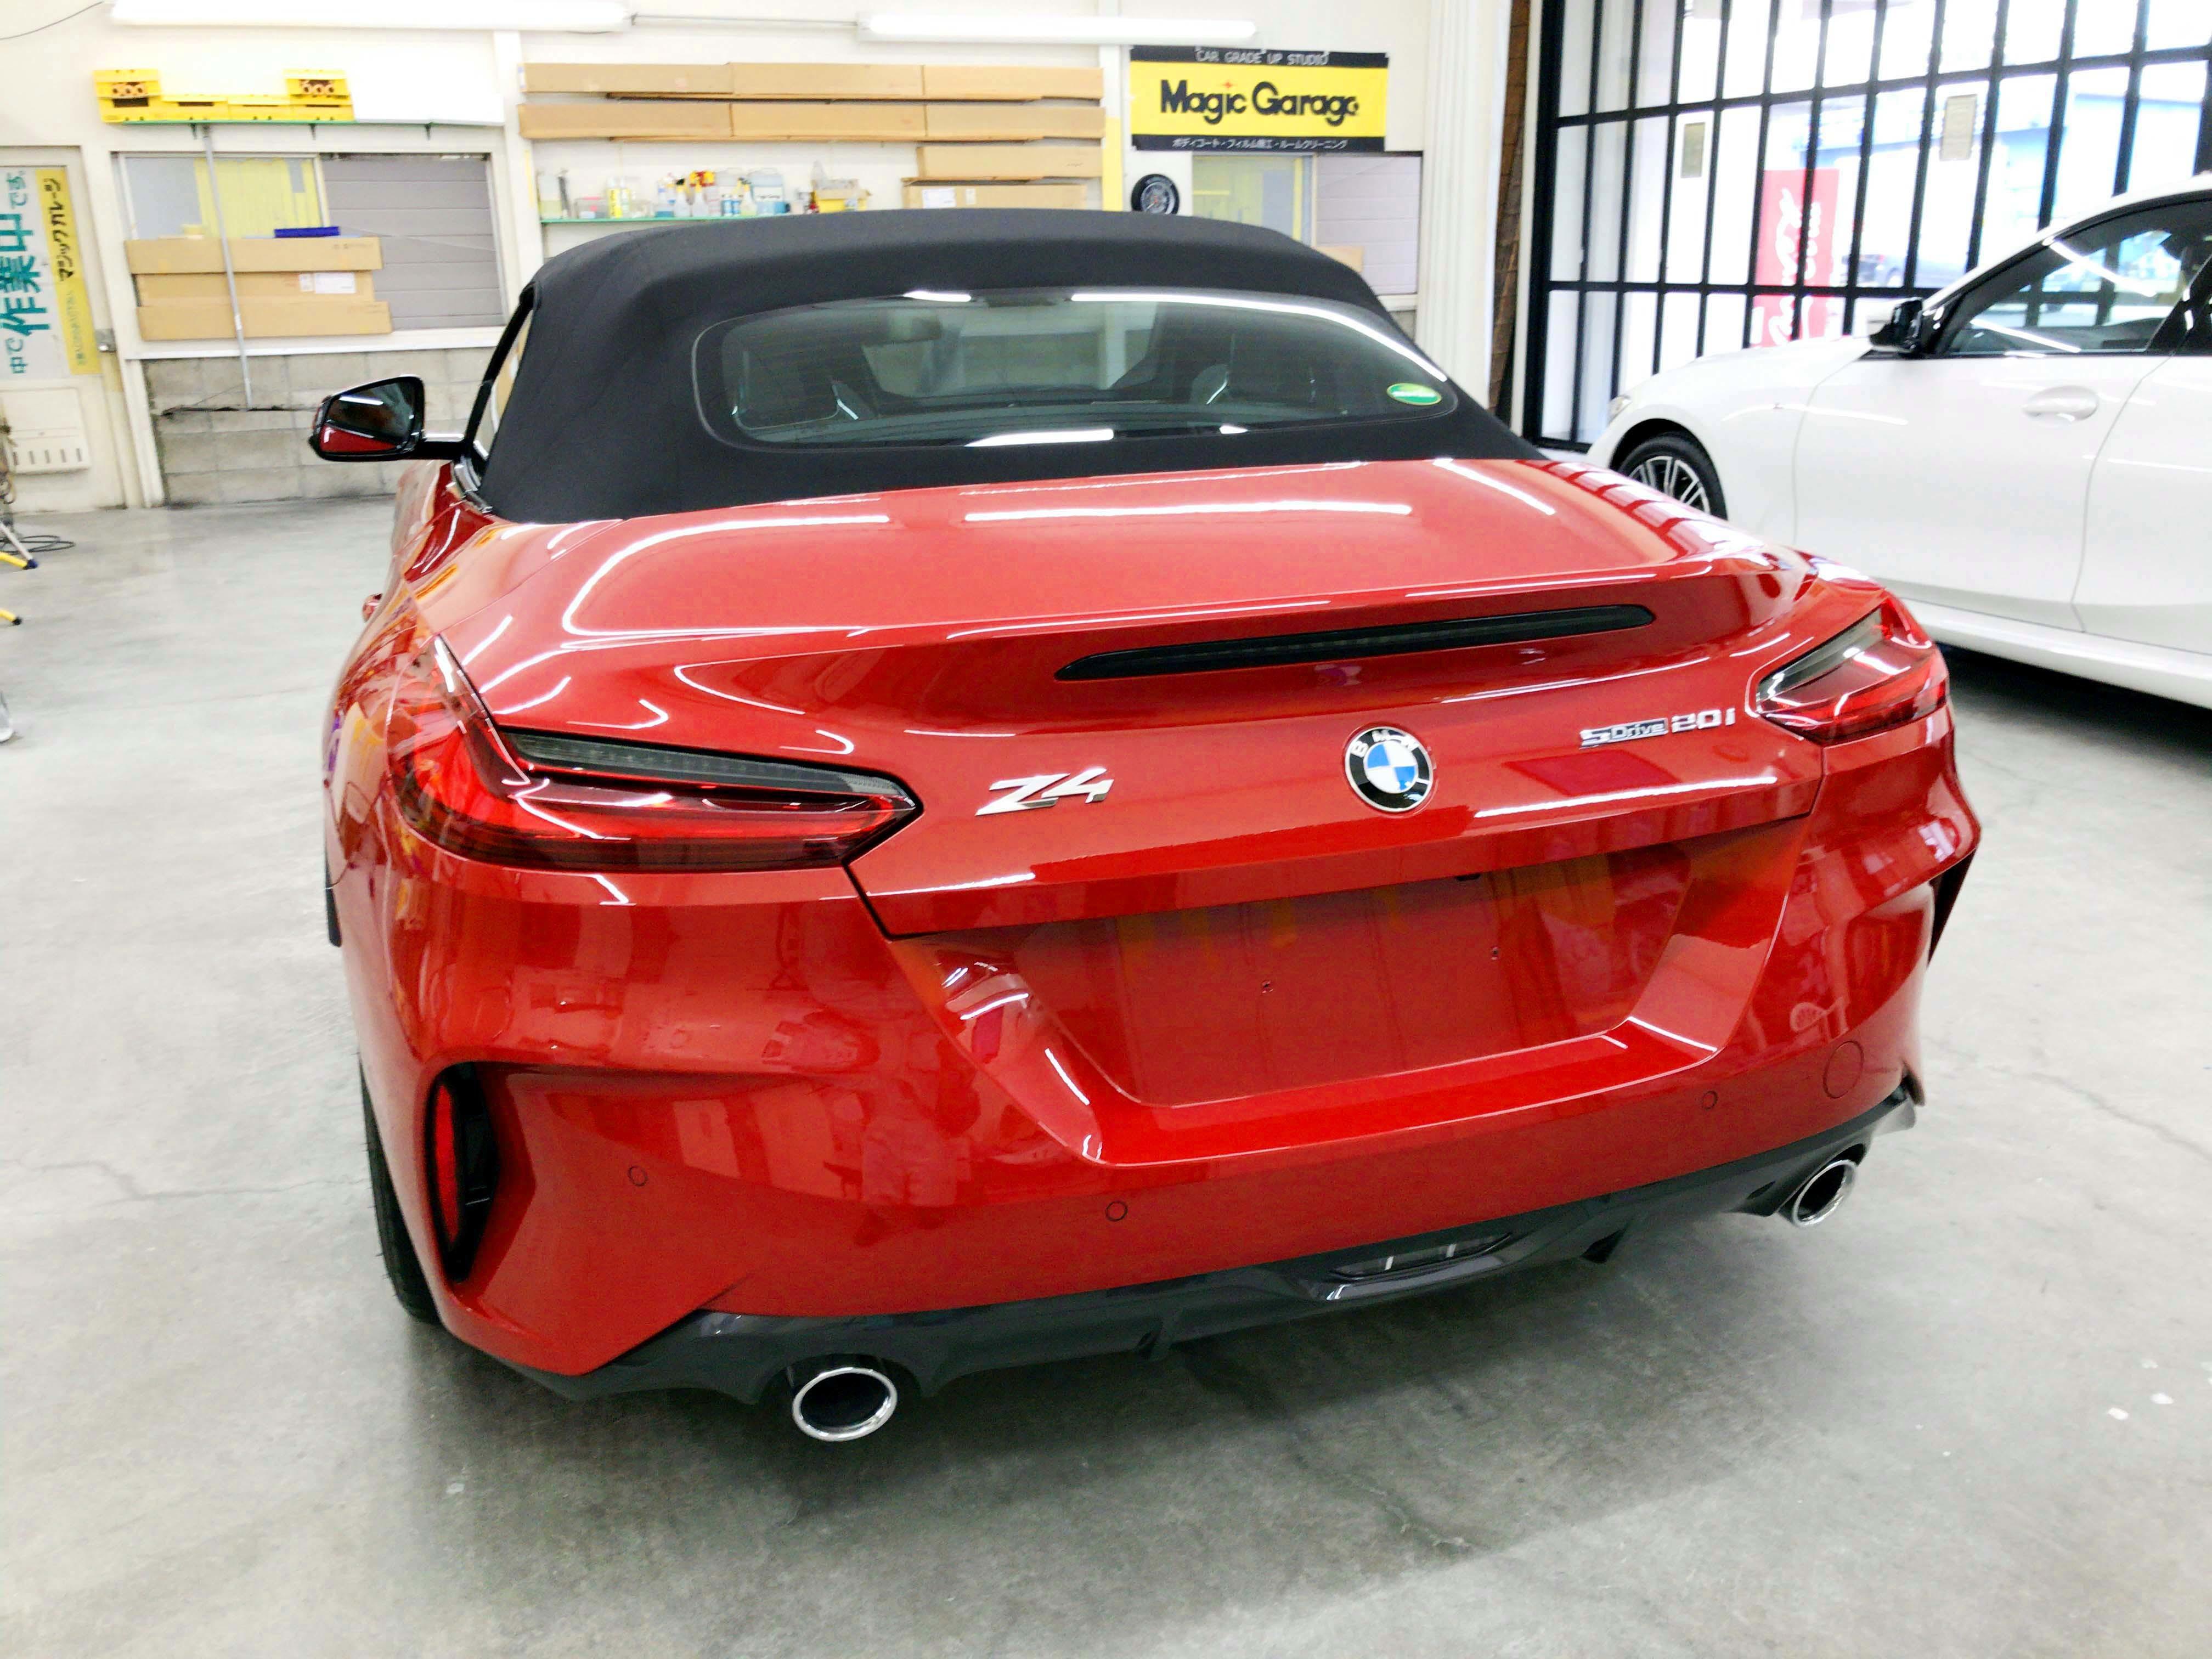 BMW Z4(G29)@スーパークリスタルガイア 04